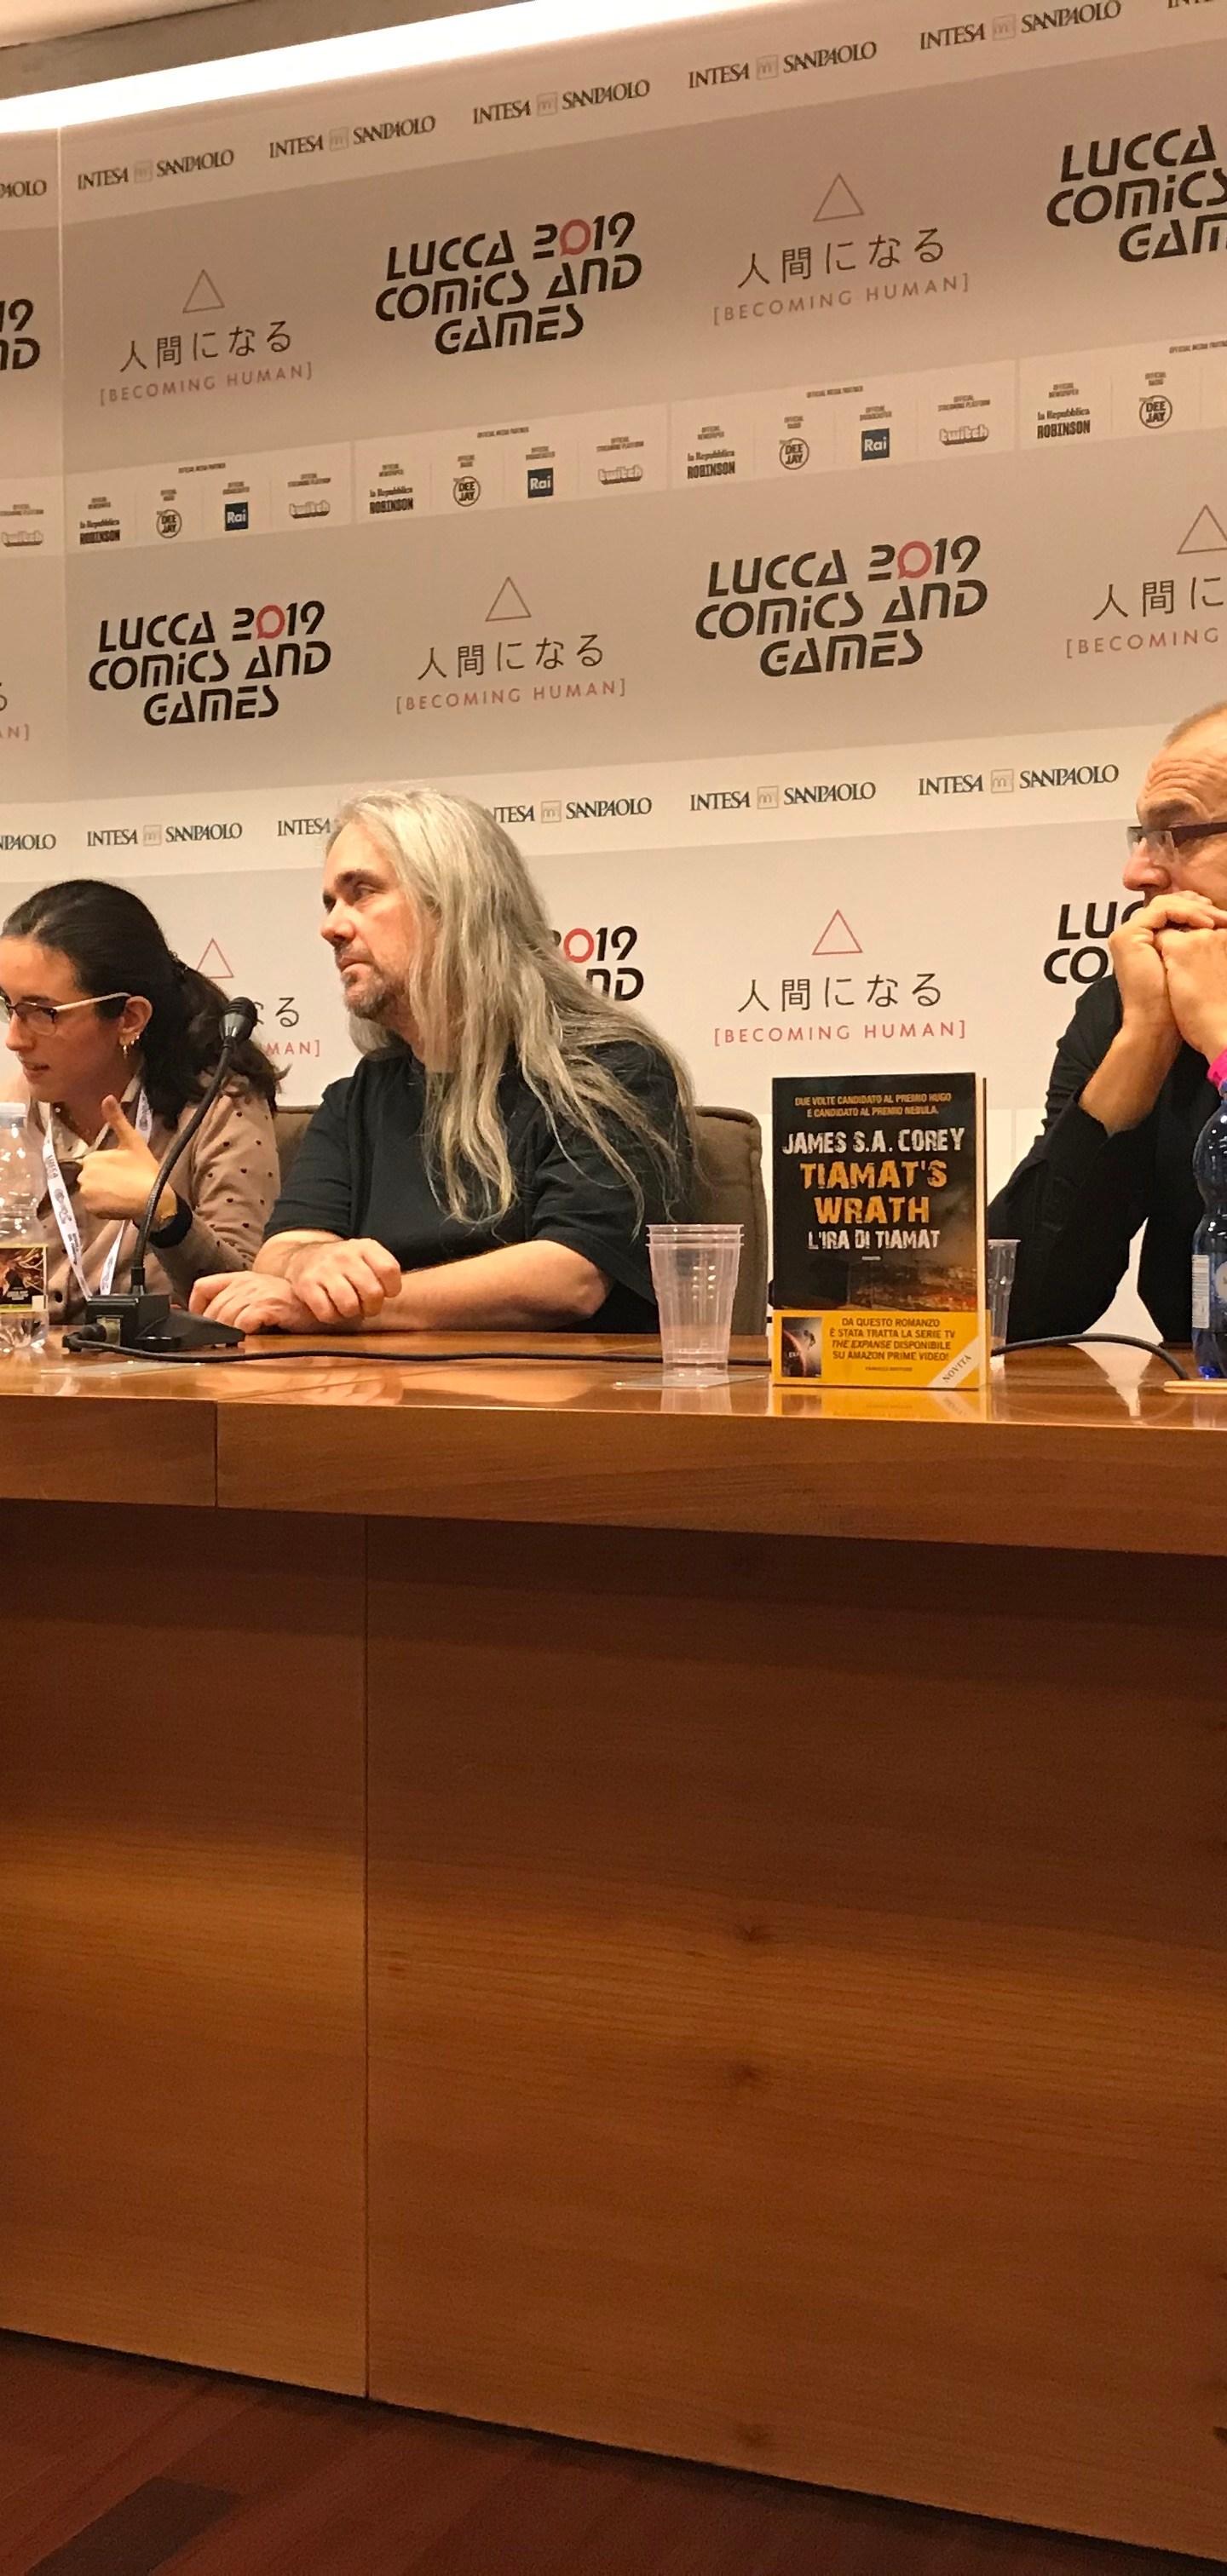 James S.A. Corey a Lucca Comics 2019